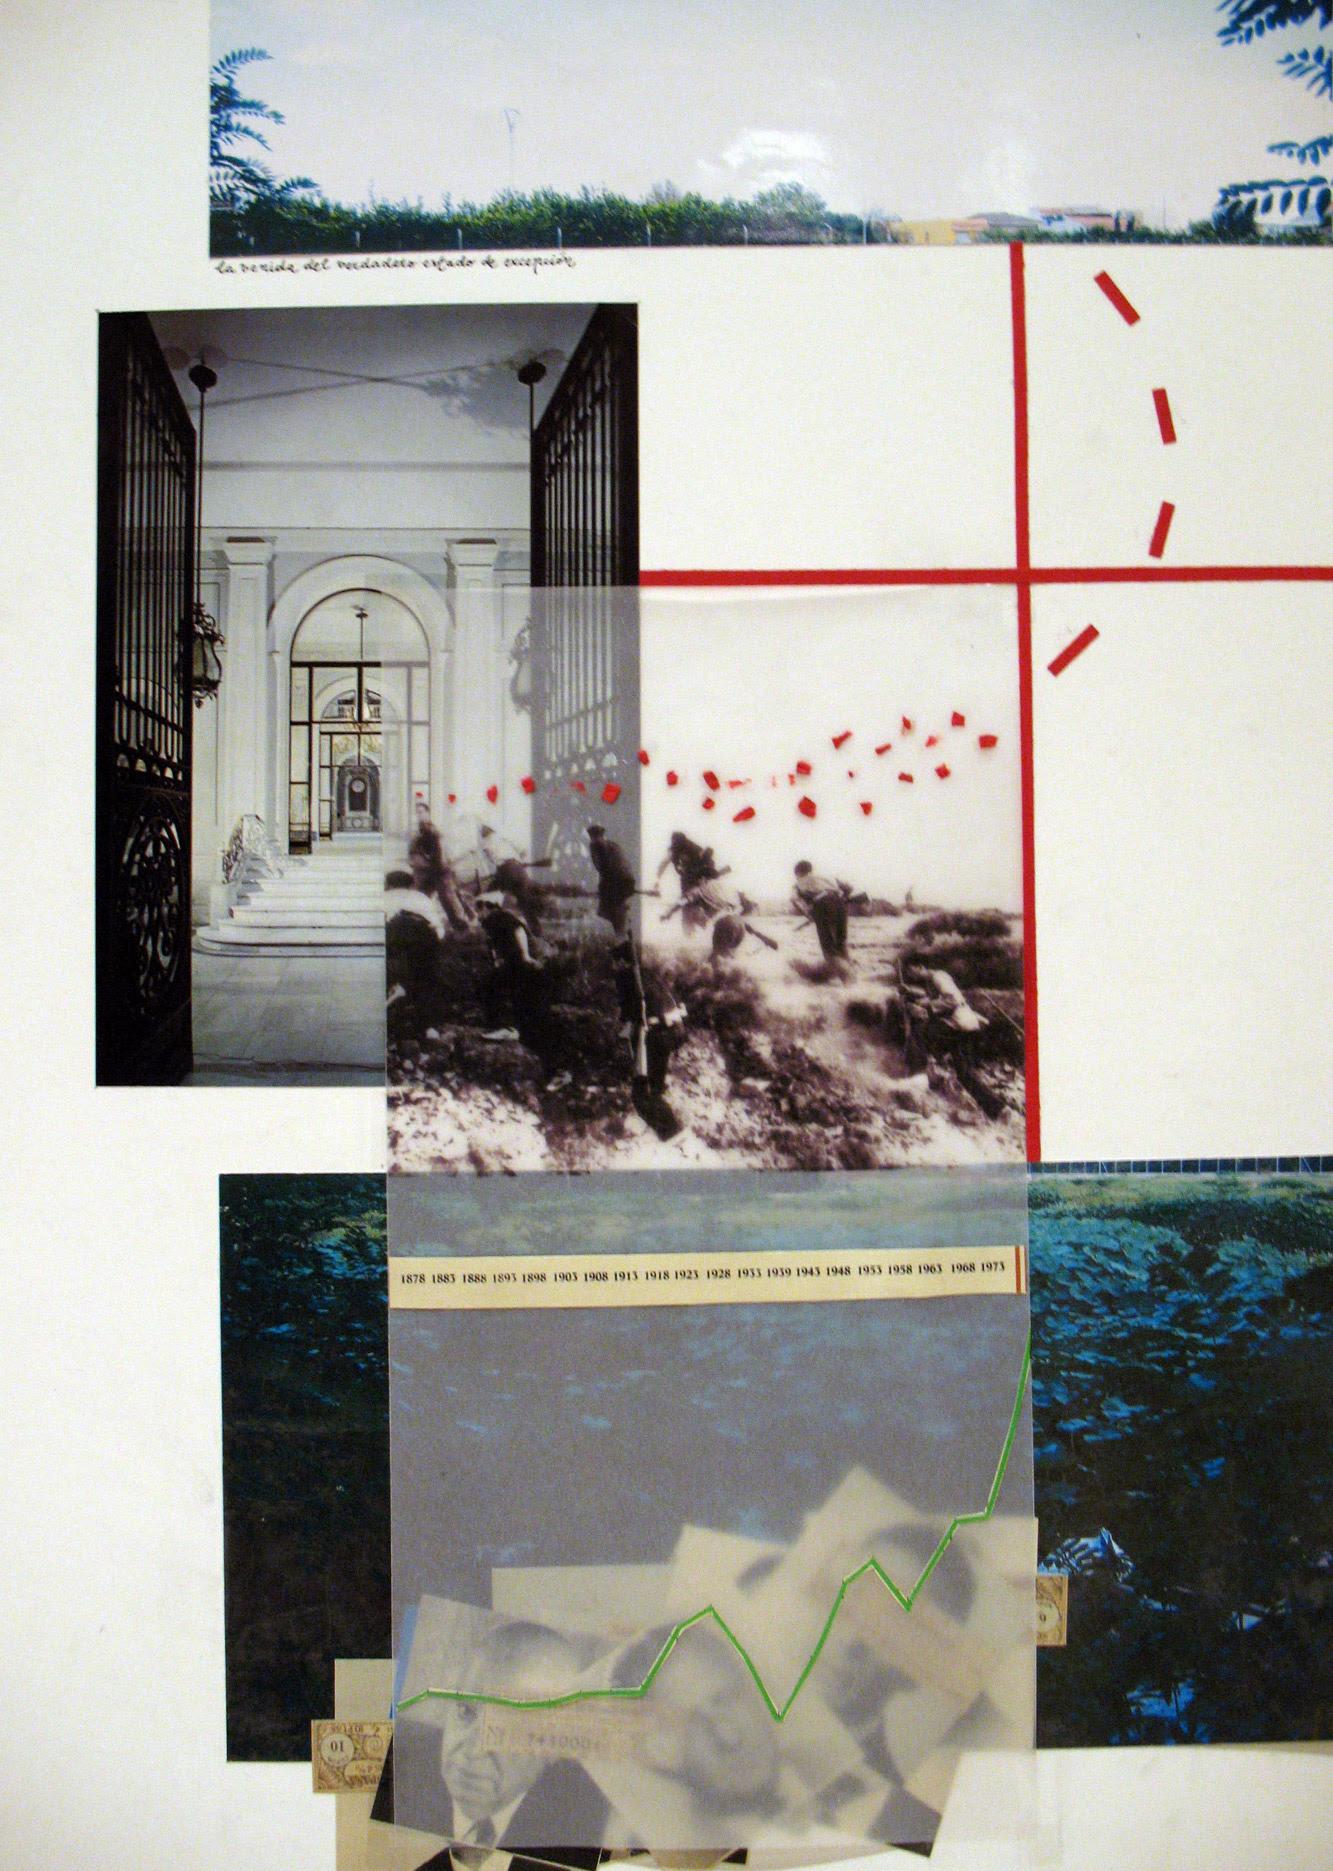 http://porqueelarteynonada.files.wordpress.com/2008/11/6-la-venida-del-verdadero-estado-de-excepcion.jpg